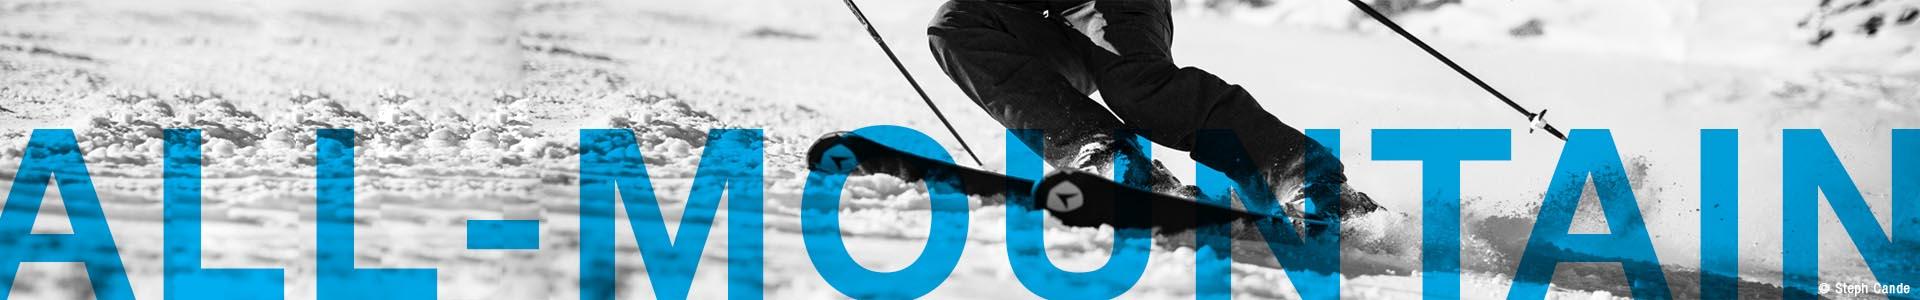 ski-skis-allmountain-1920x300.jpg